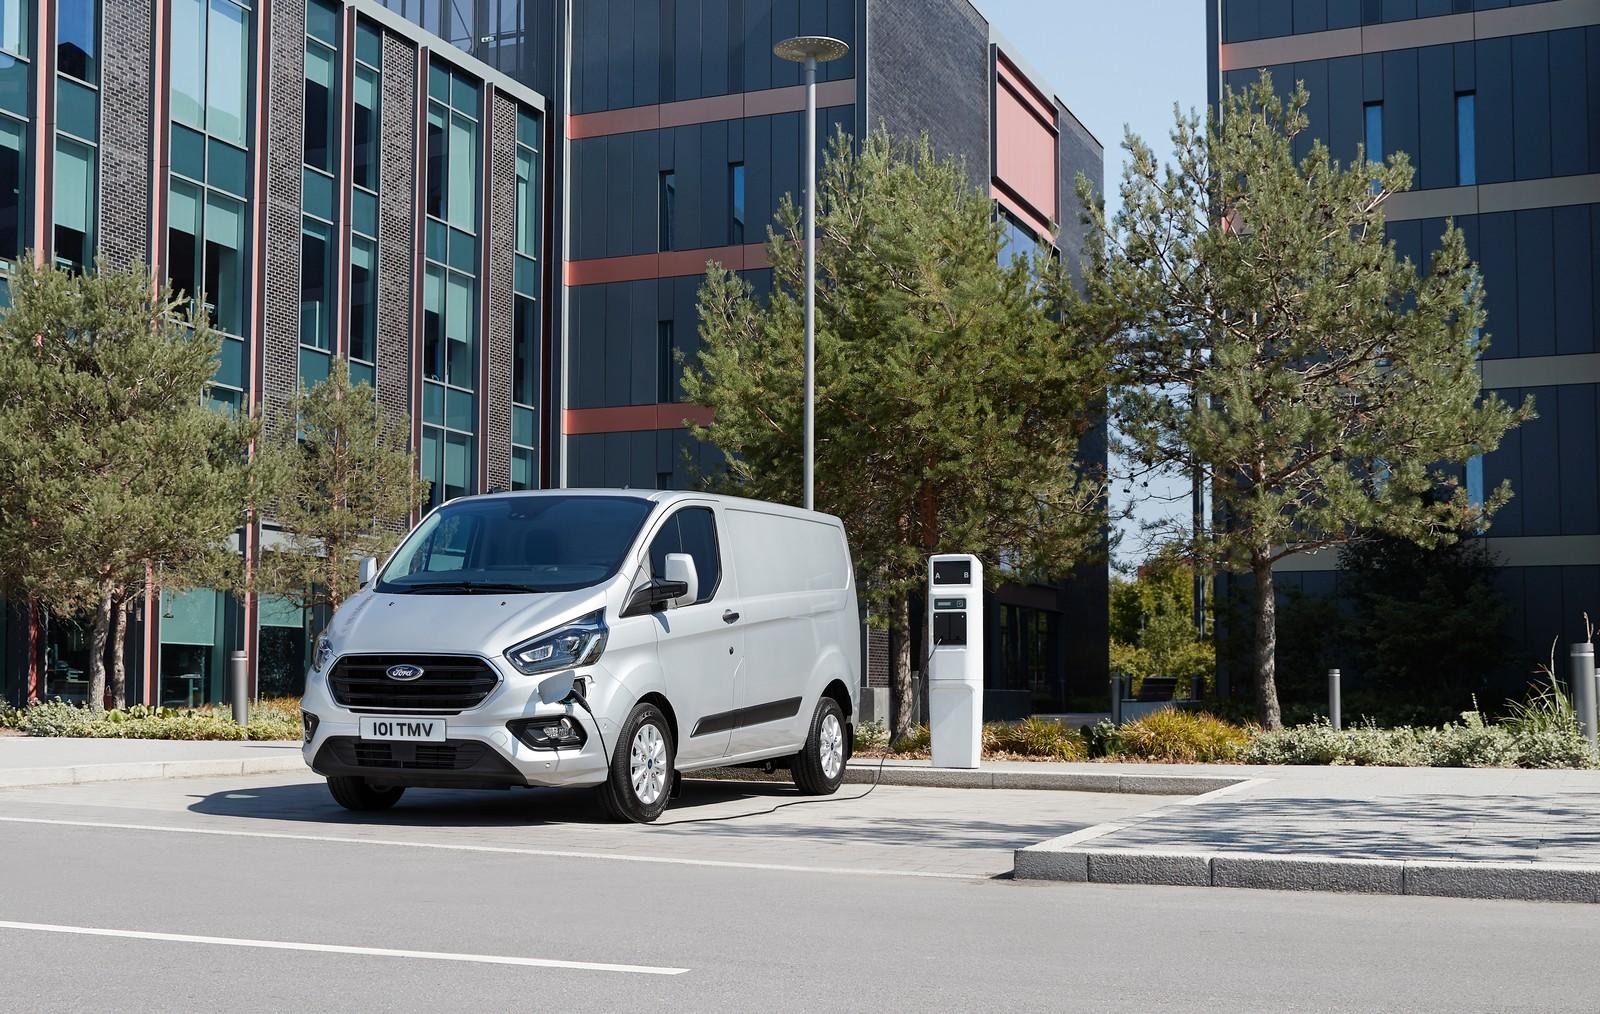 Als erster Hersteller bringt Ford mit dem Transit Custom PHEV einen Plug-in-Hybrid-Transporter auf den Markt.